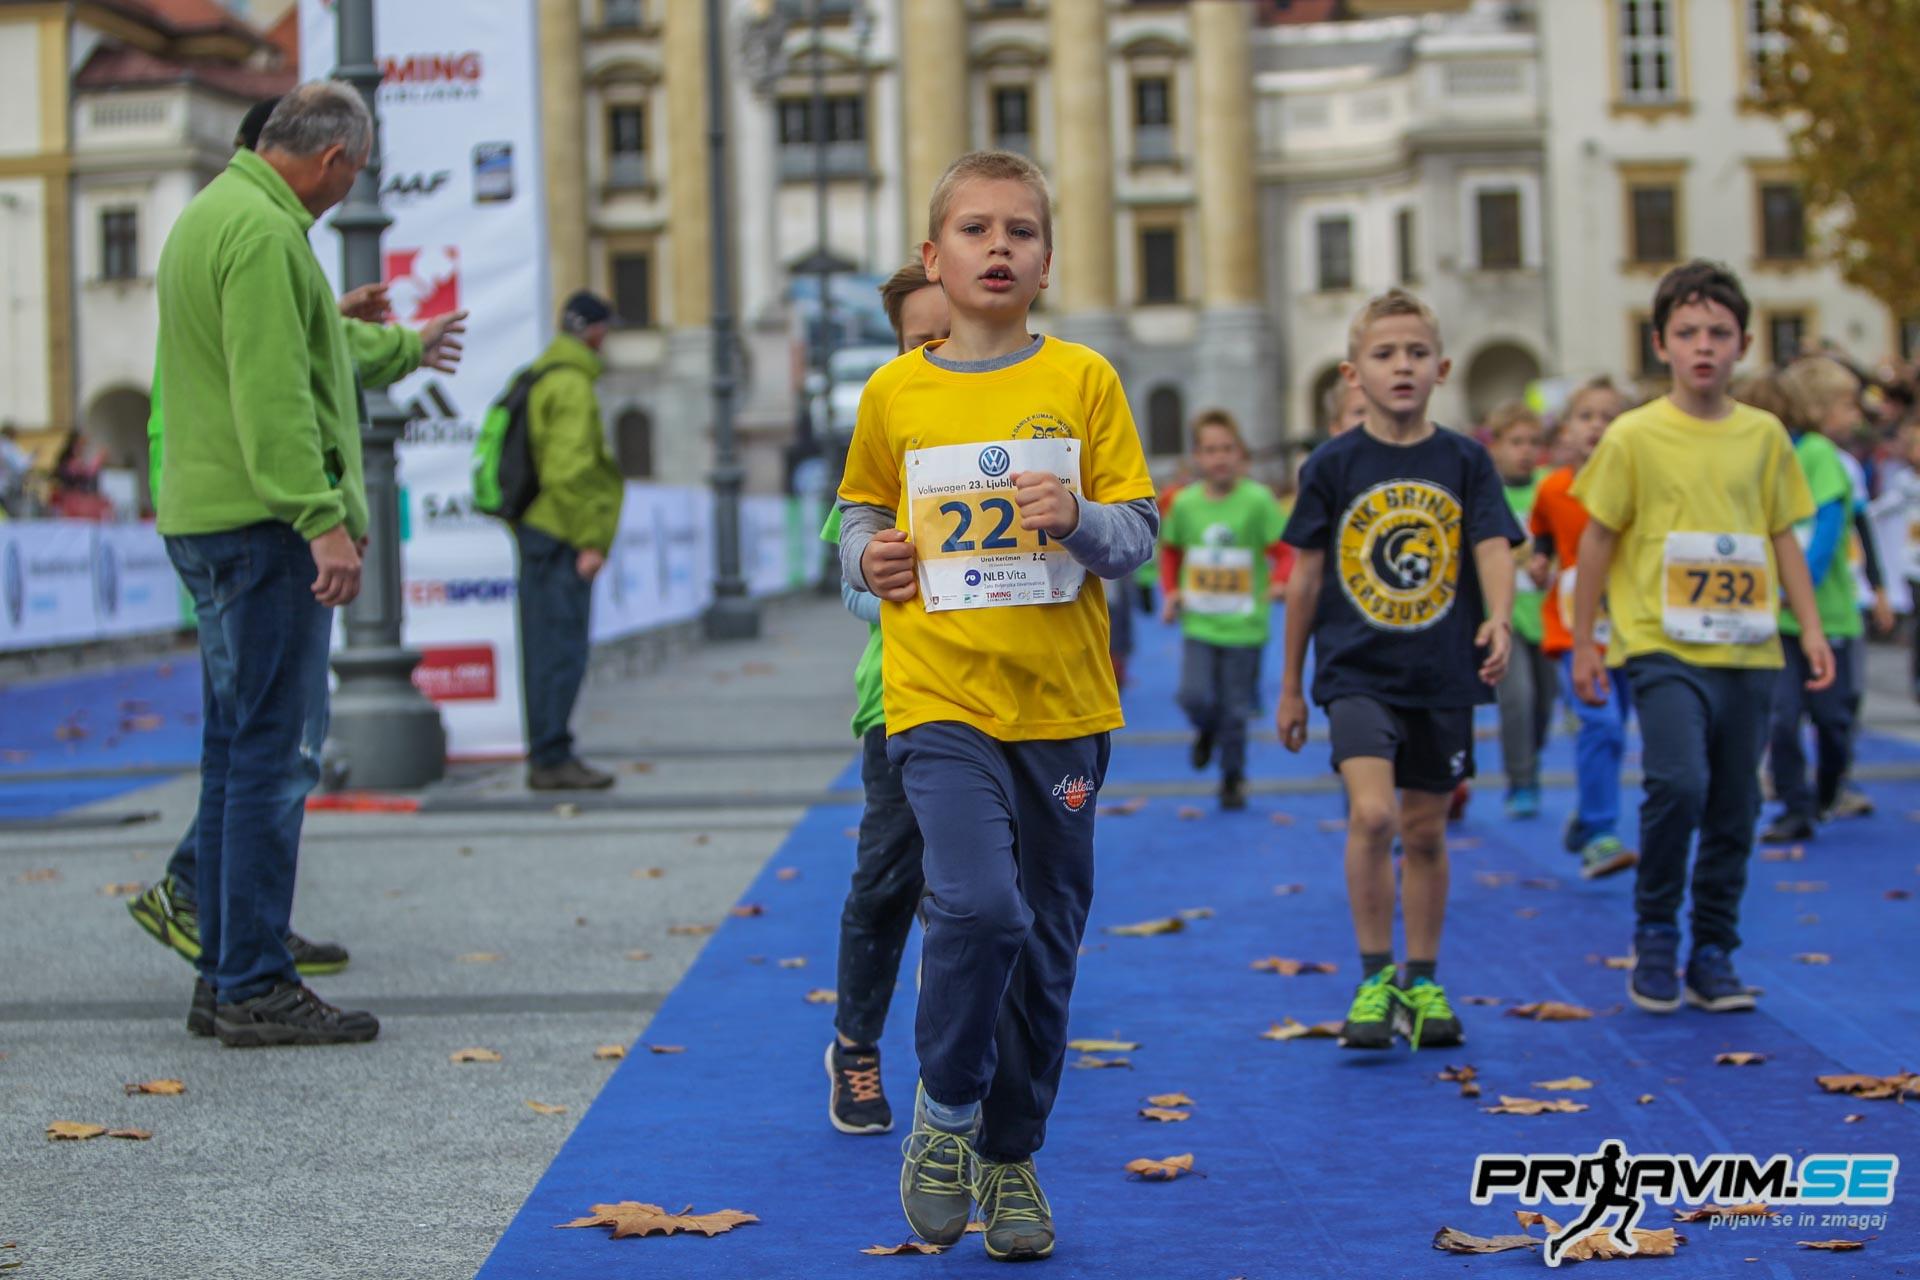 Ljubljanski_maraton_osnovna_sola_2018-0080.jpg